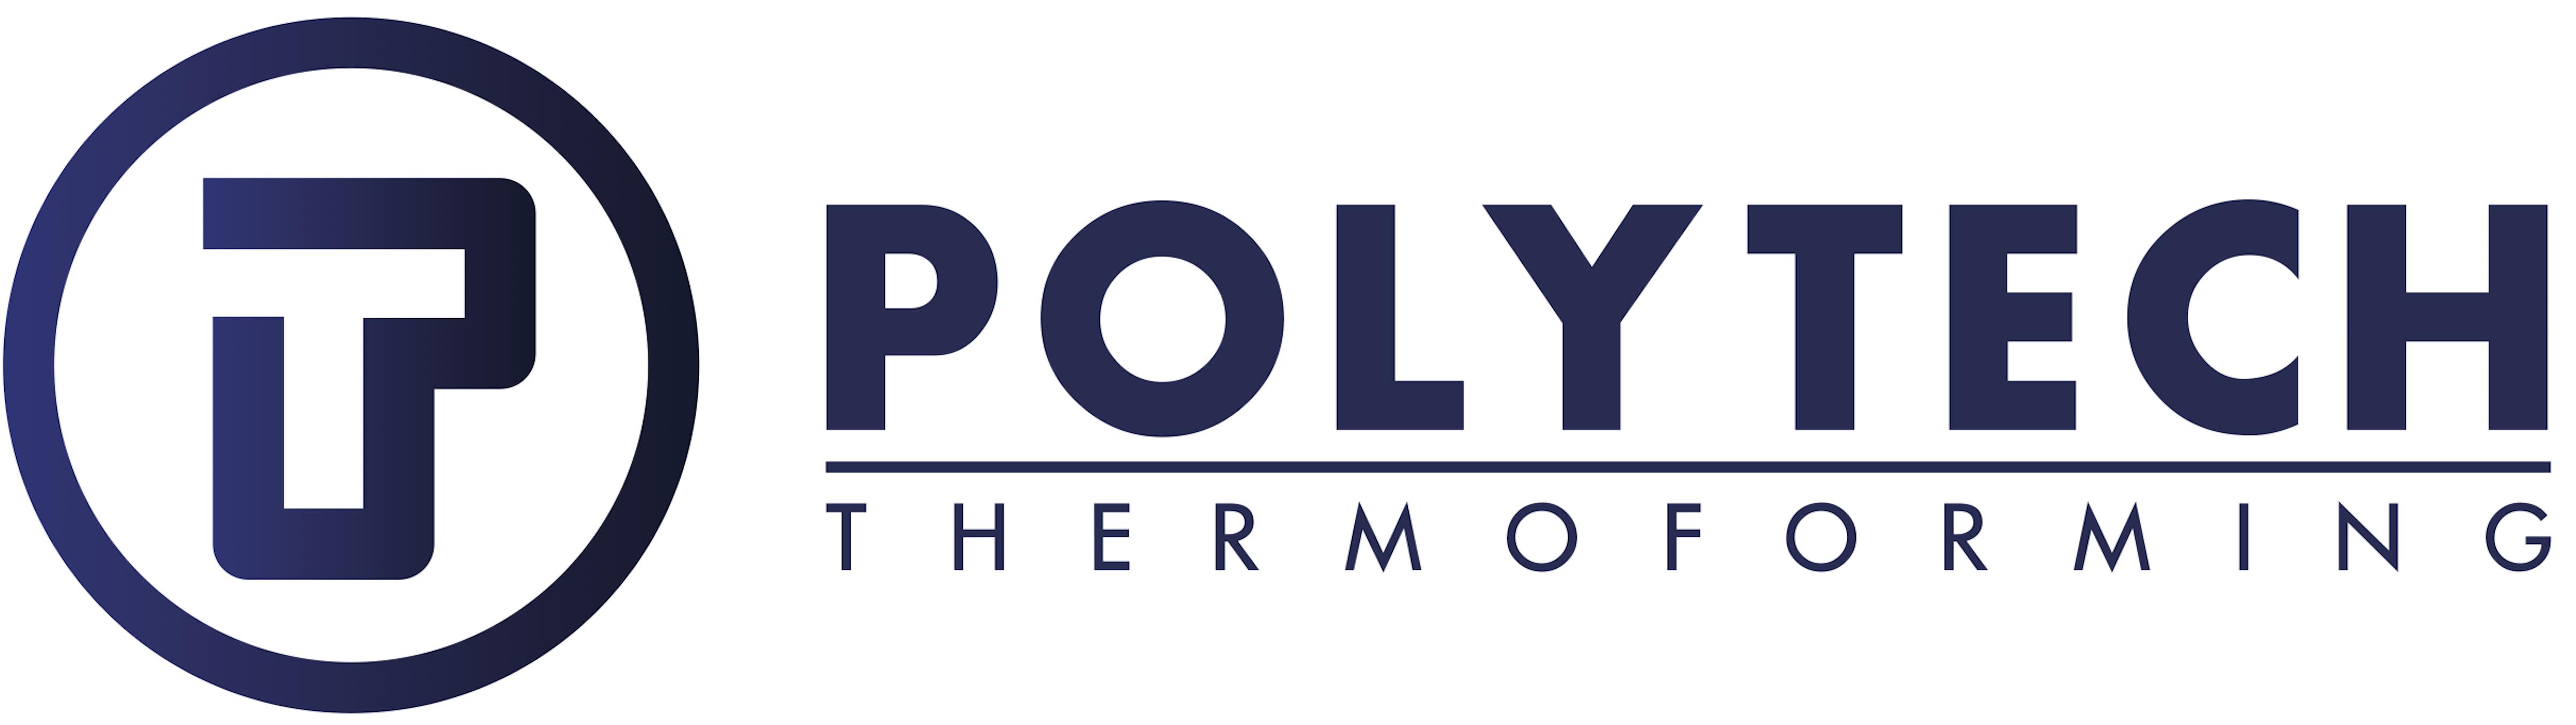 Polytech Final Logos 2